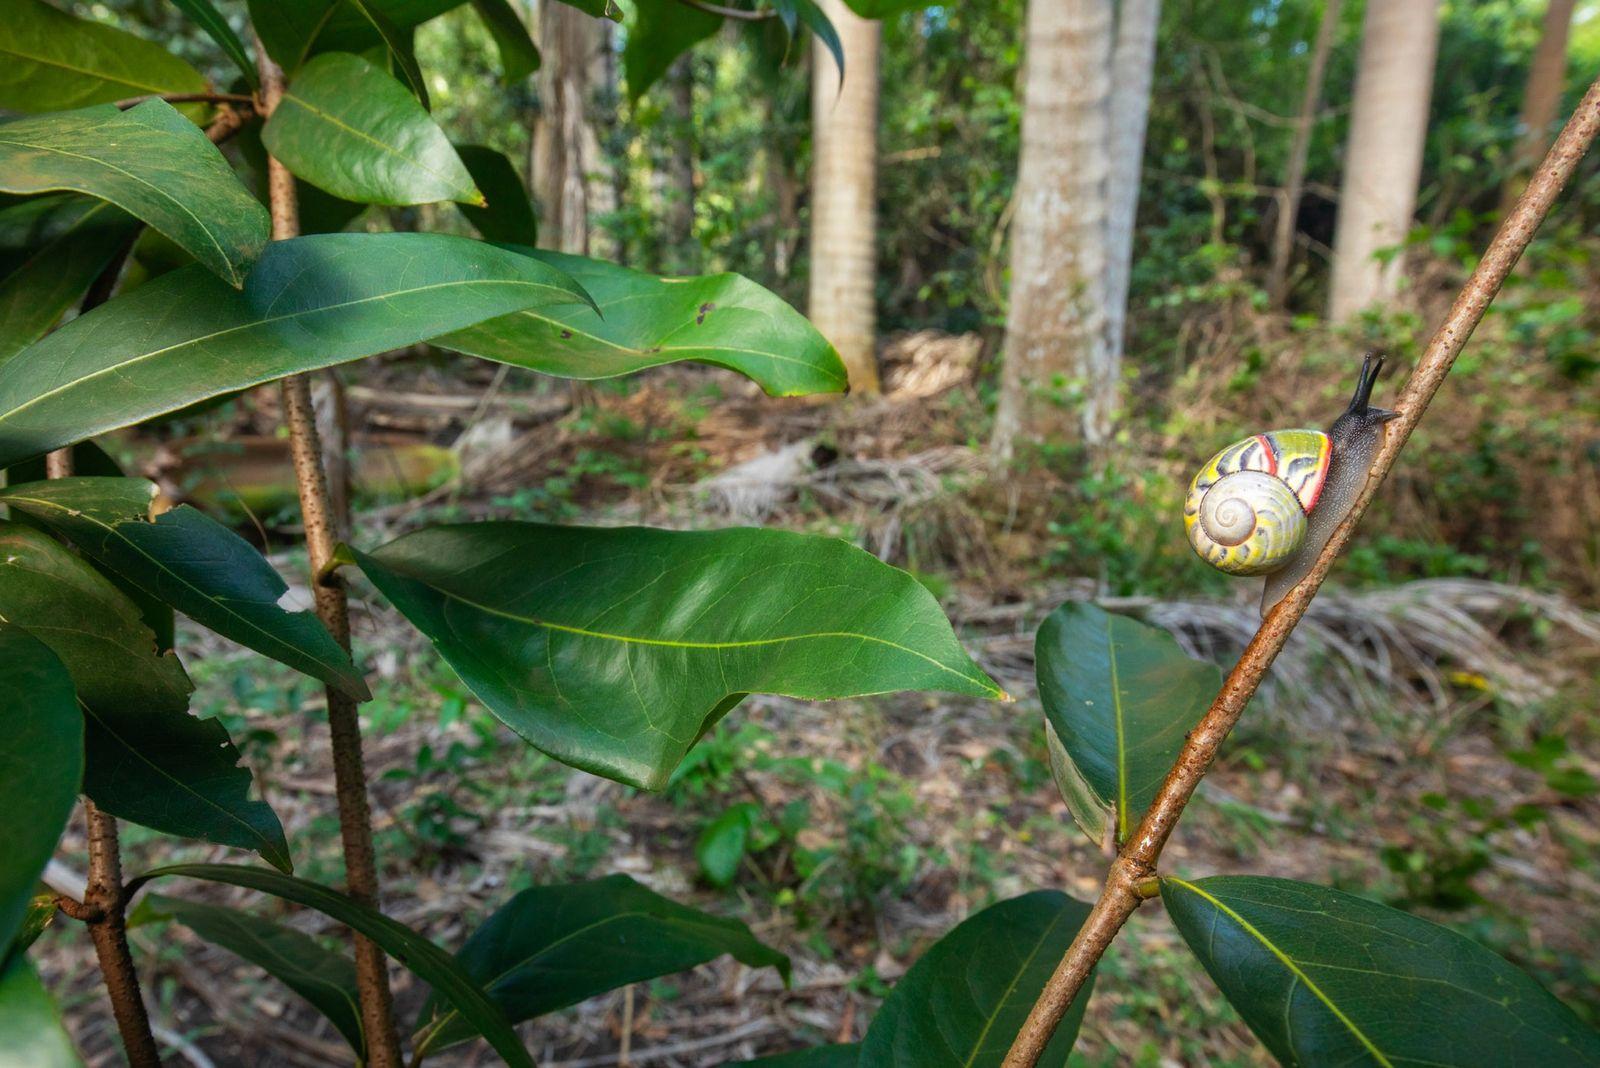 A espécie Polymita sulphurosa, que se encontra apenas em alguns trechos de floresta, pode ser a ...